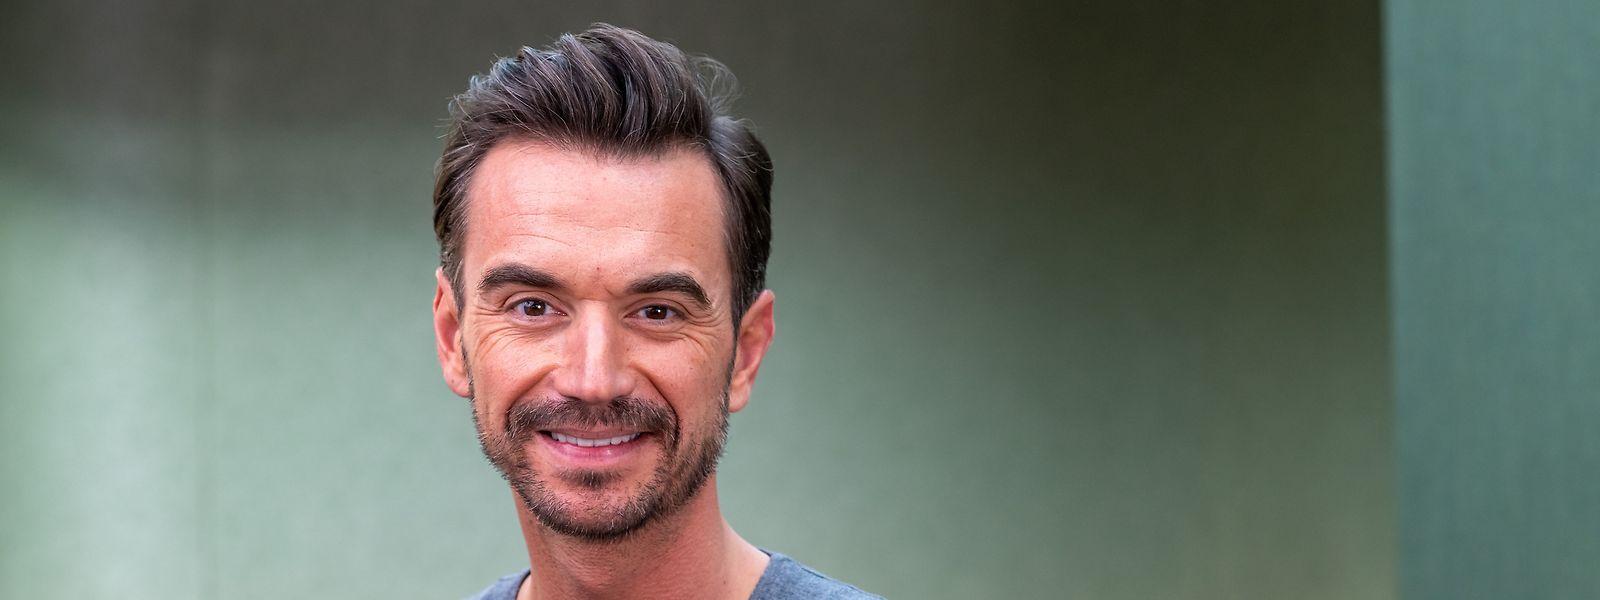 Florian Silbereisen, Moderator, Sänger und Schauspieler, verstärkt nun die DSDS-Jury.